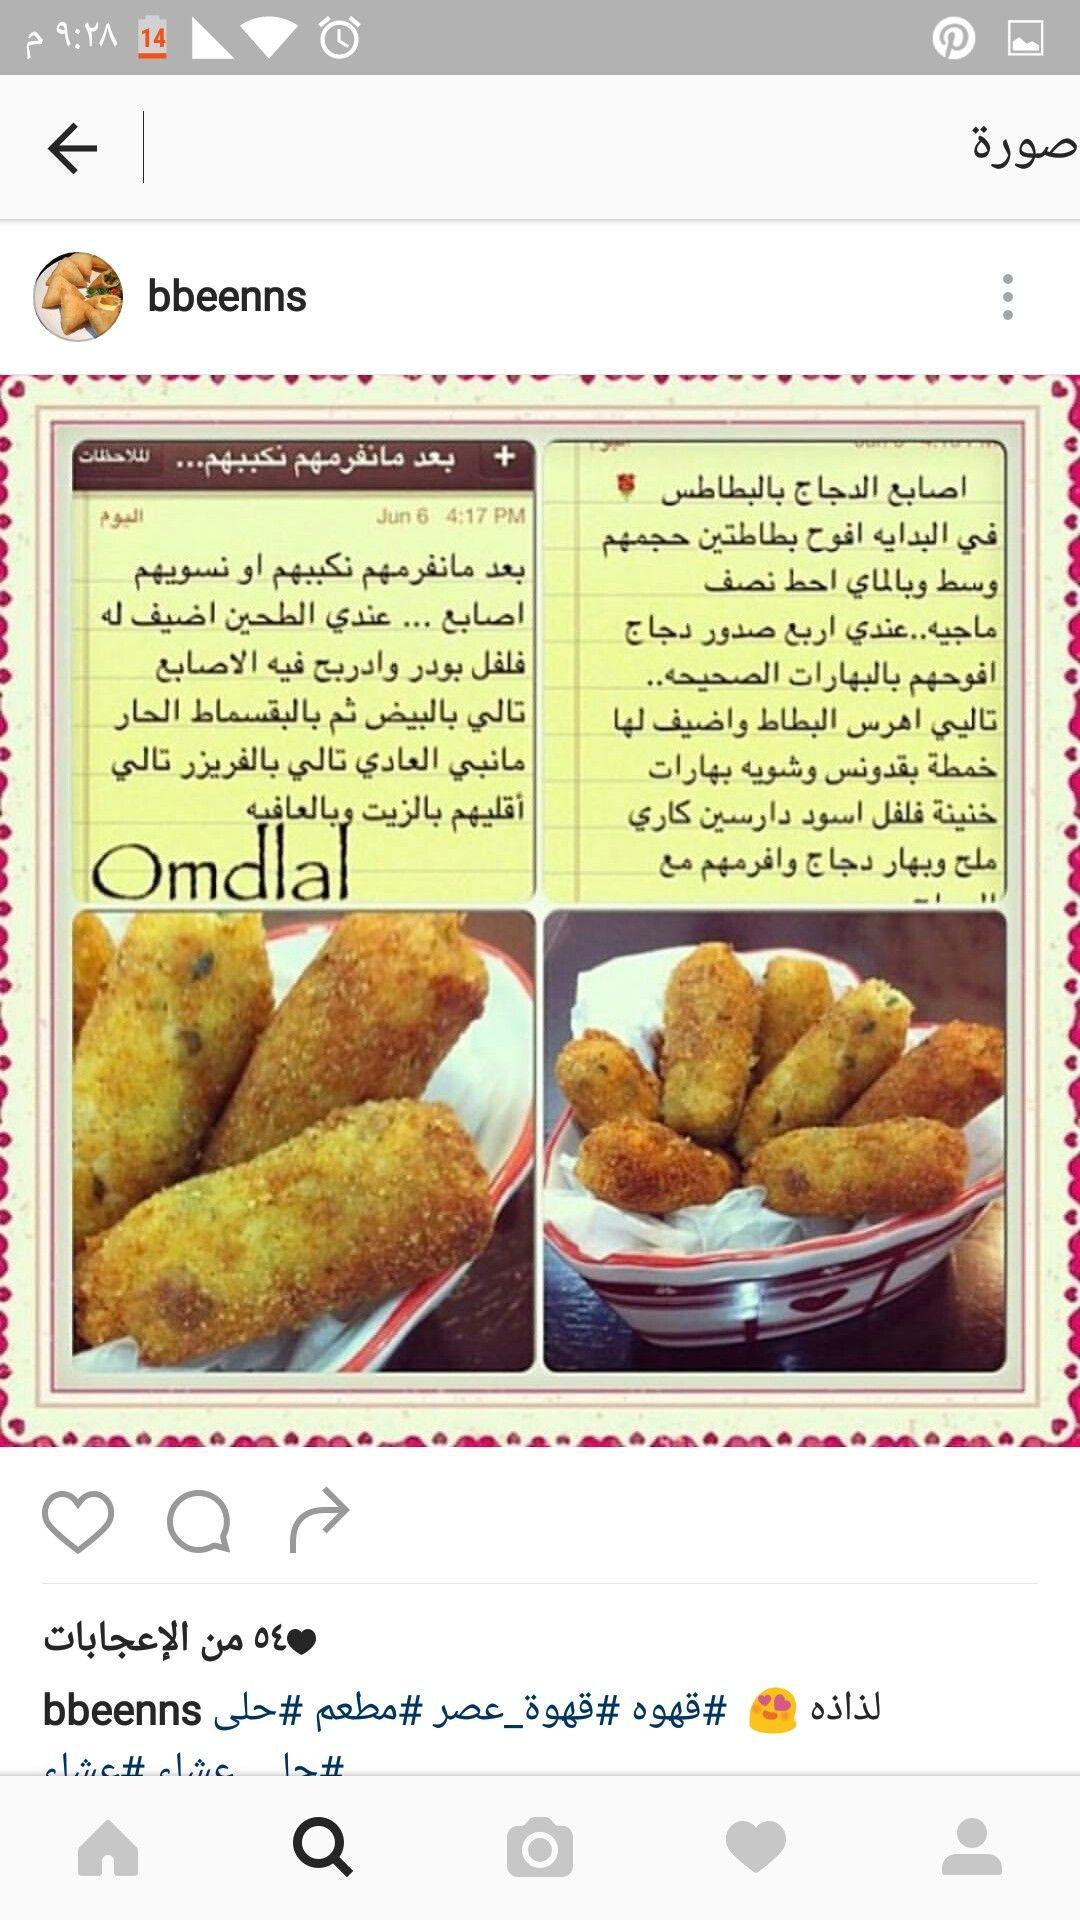 اصابع الدجاج بالبطاطس Food Receipes Food Arabic Food